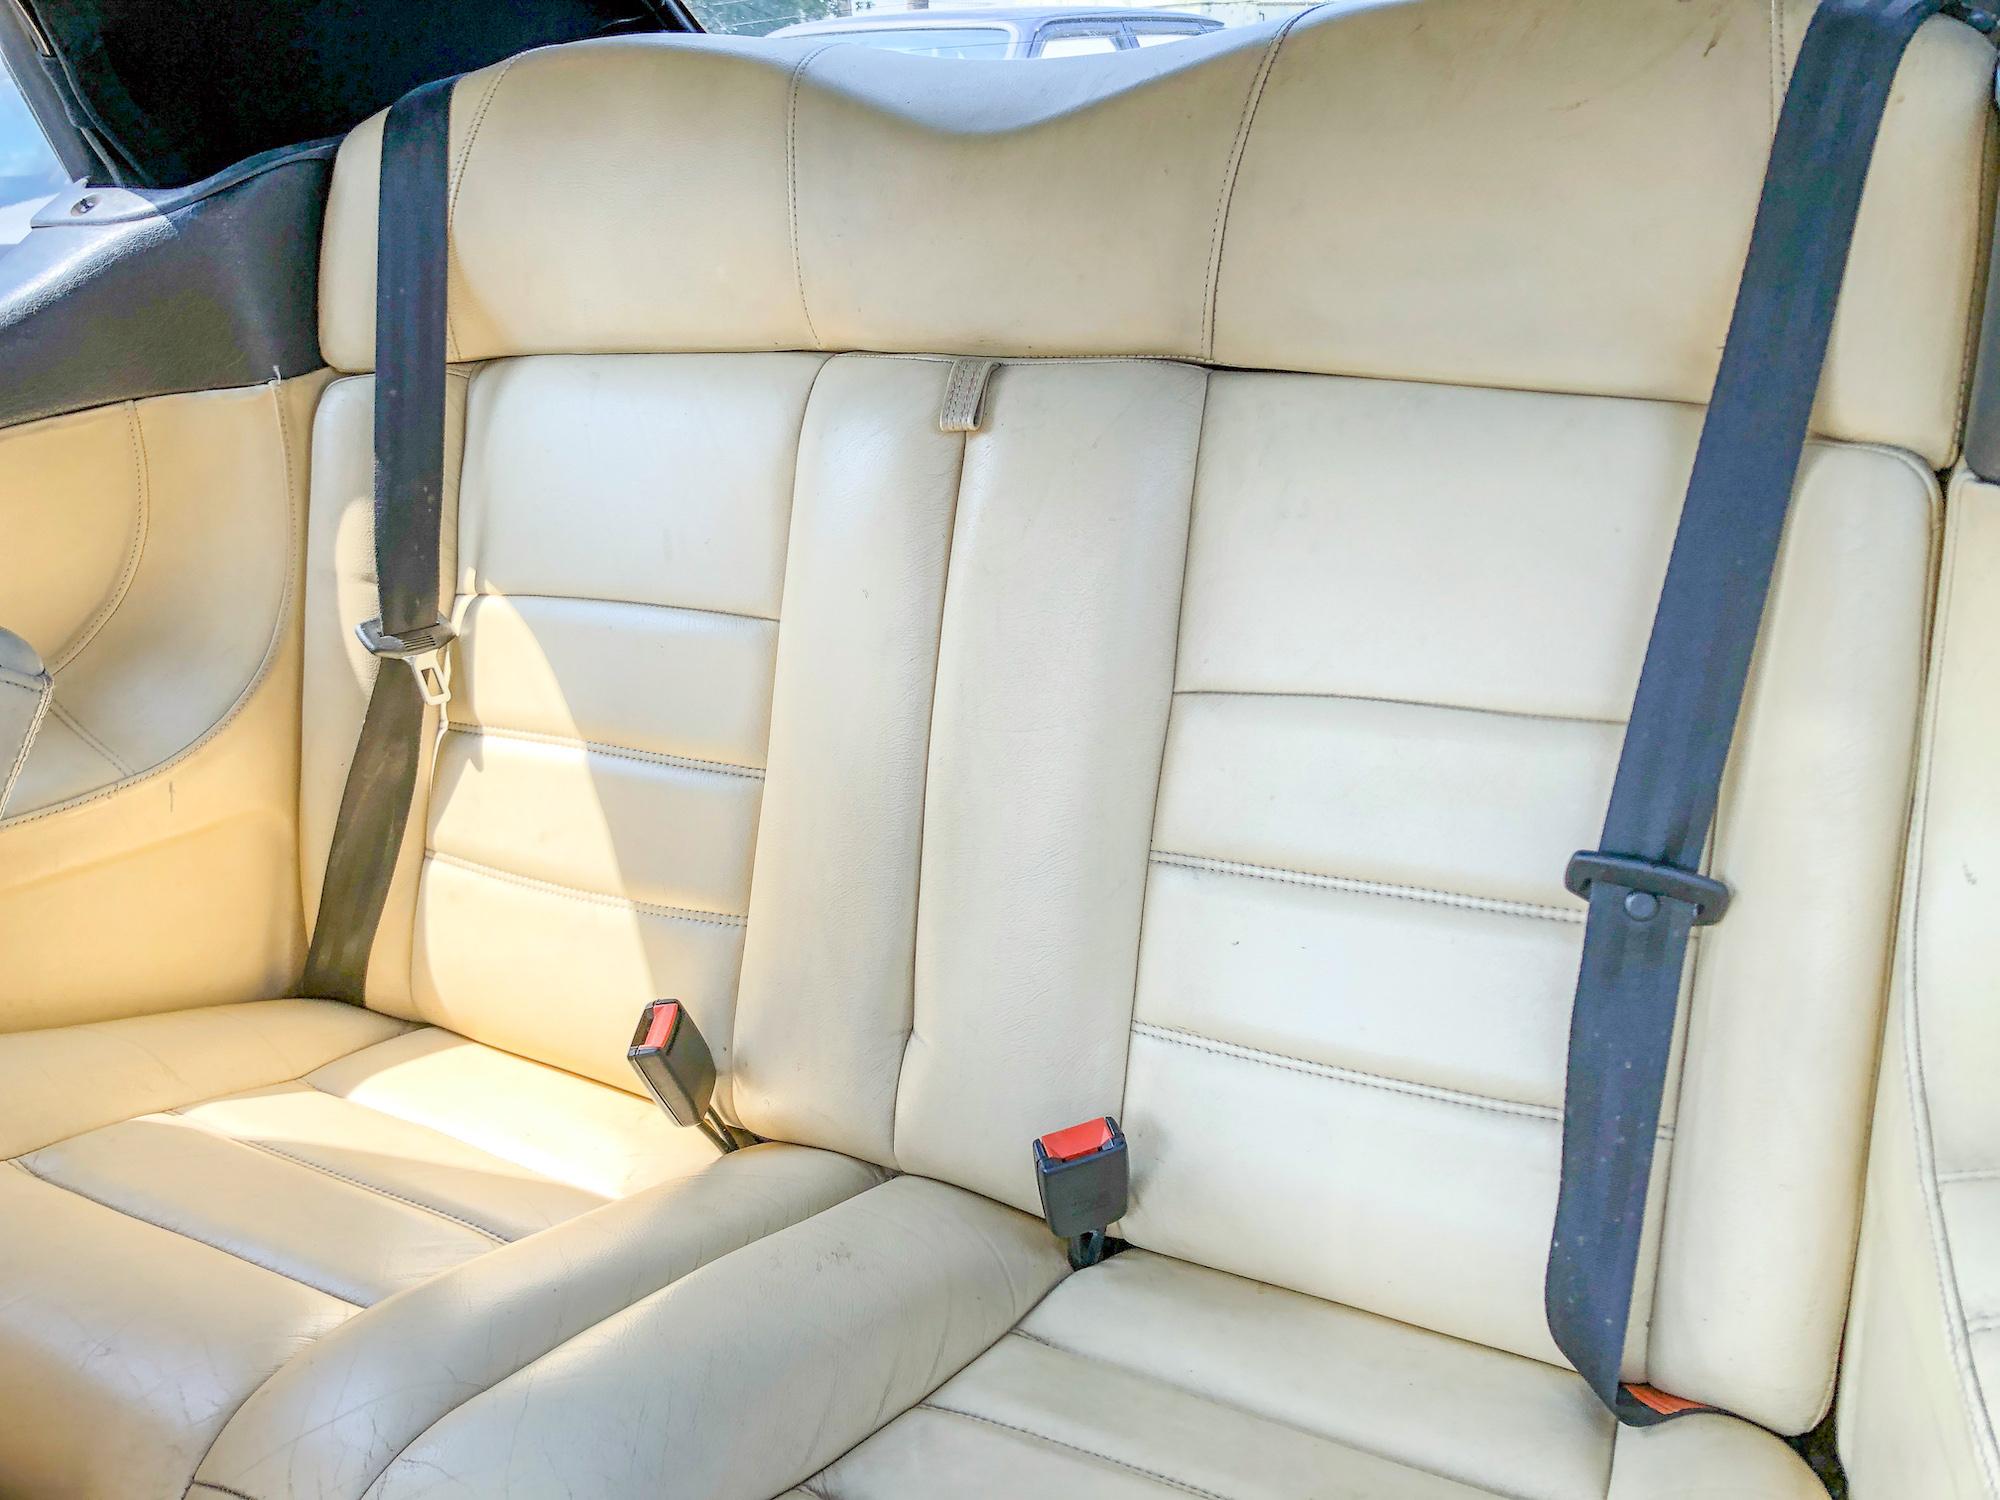 A vendre Volkswagen Golf 3 cabriolet 1996 - intérieur cuir et boite auto